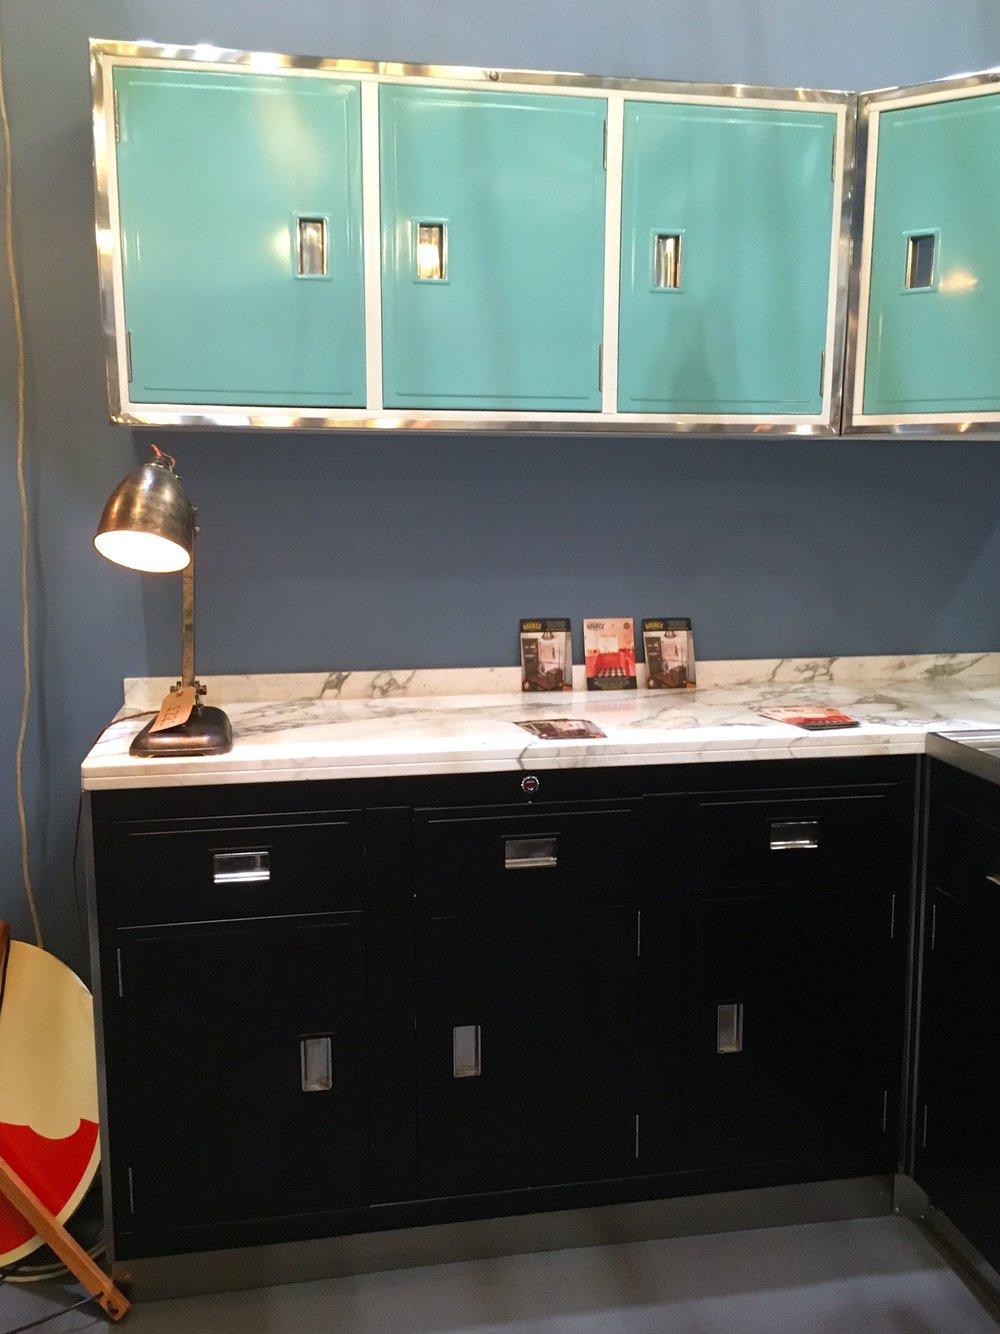 A refurbed kitchen